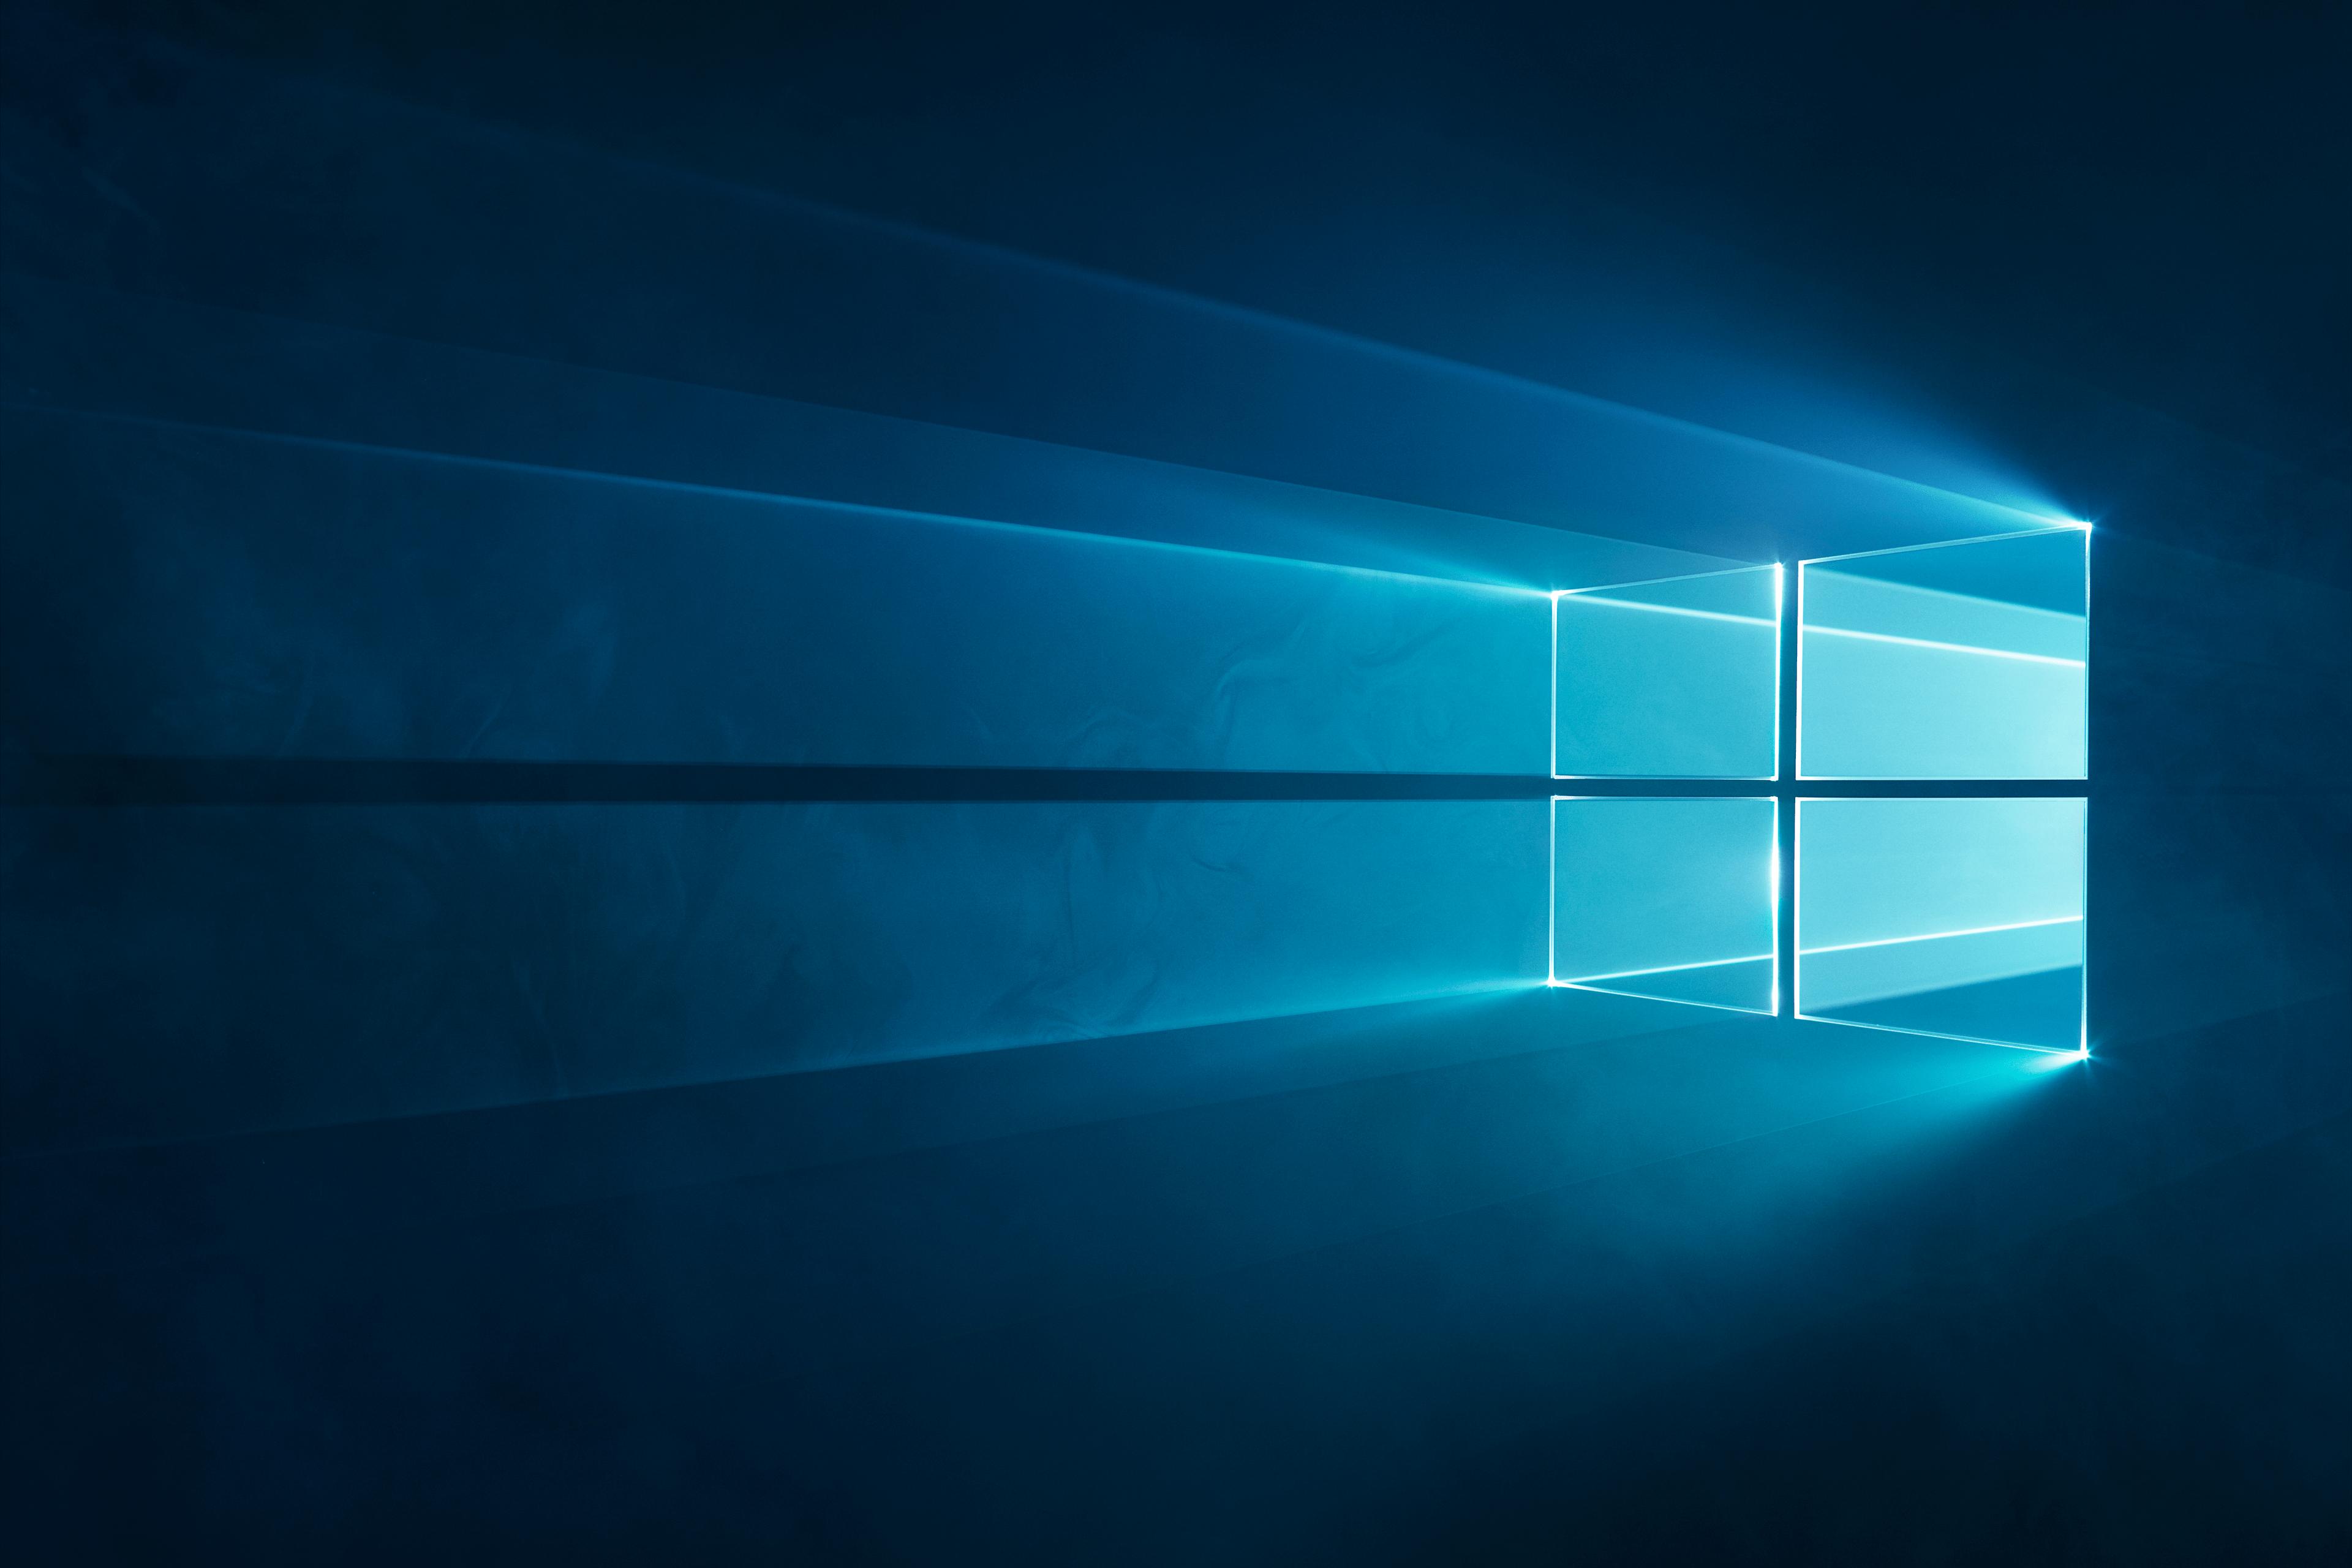 Windows 10 Desktop   www GMUNK 3840x2560